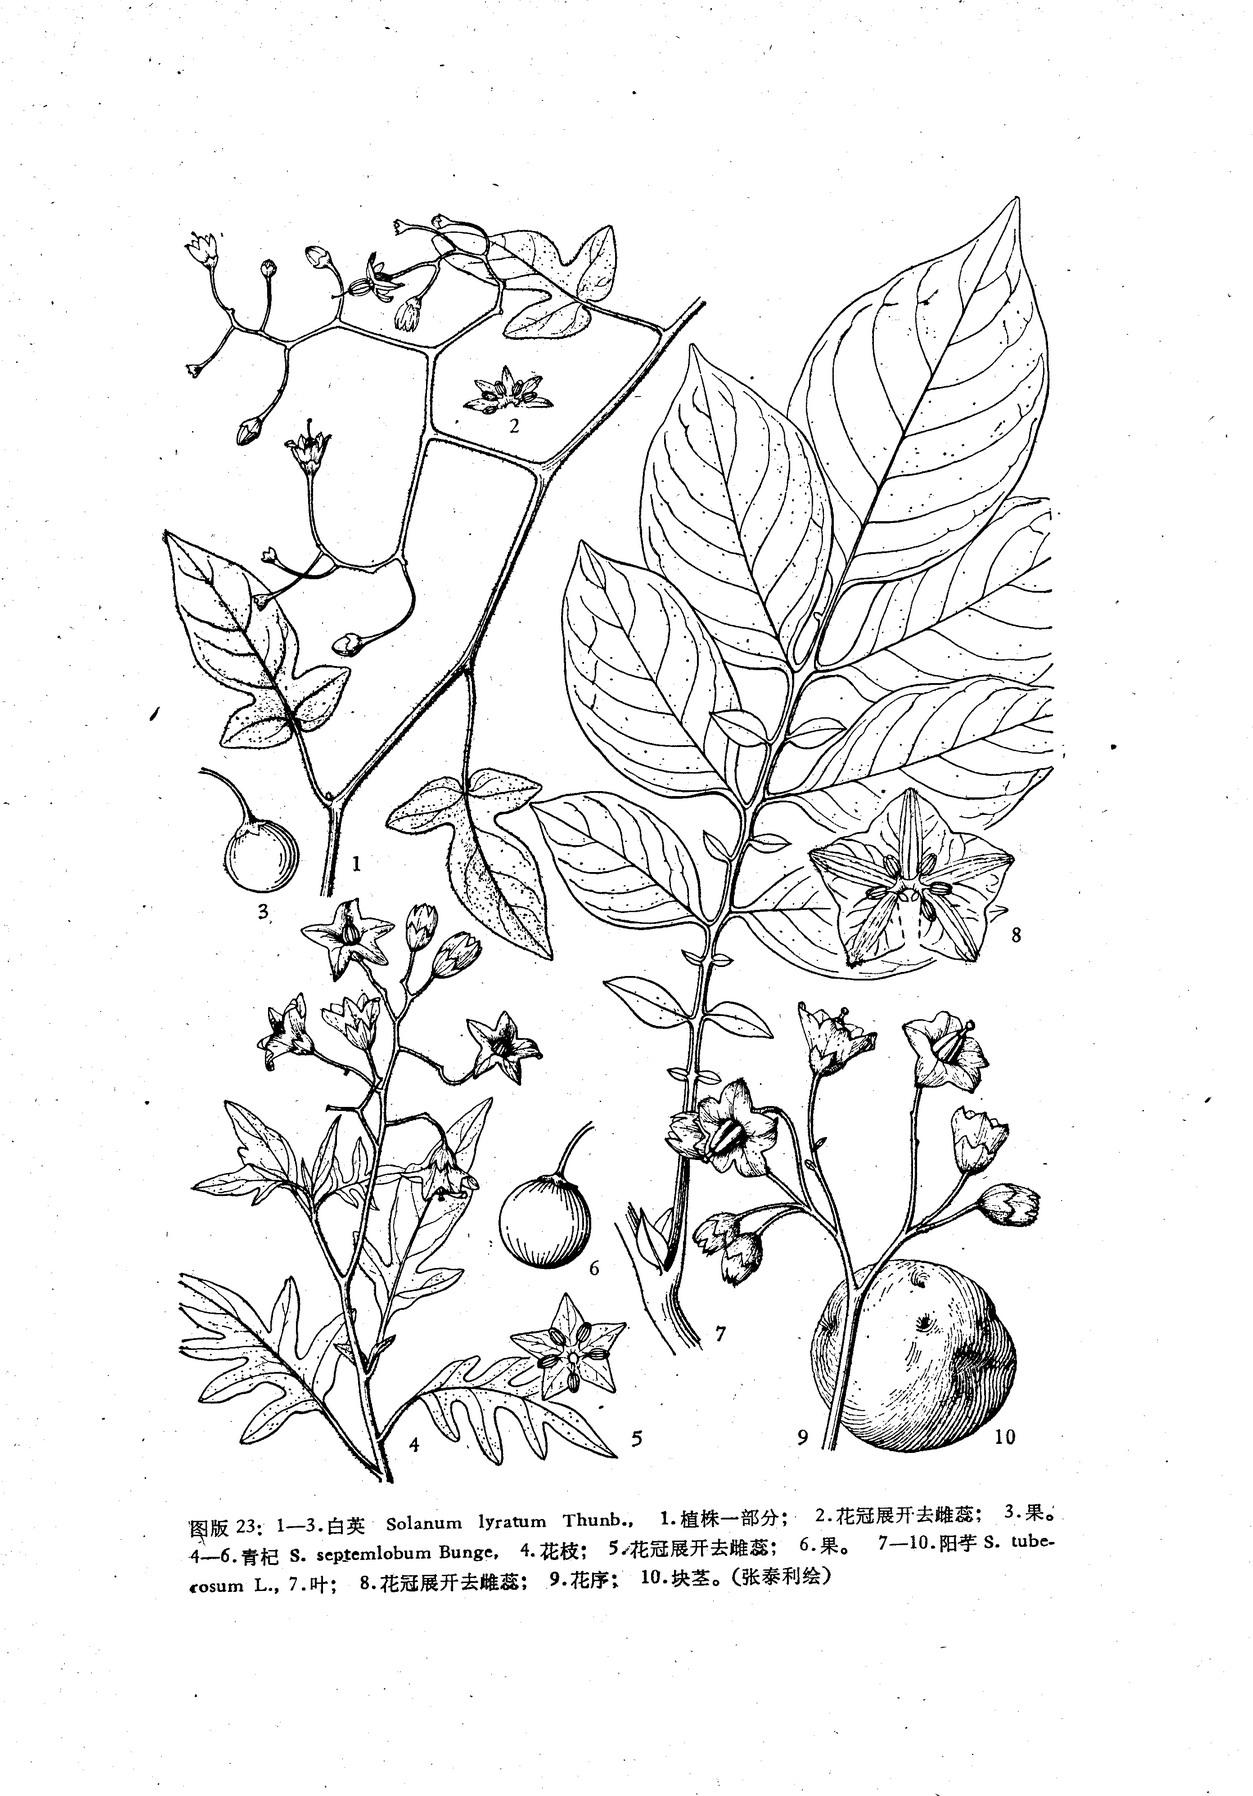 藤本植物手绘黑白